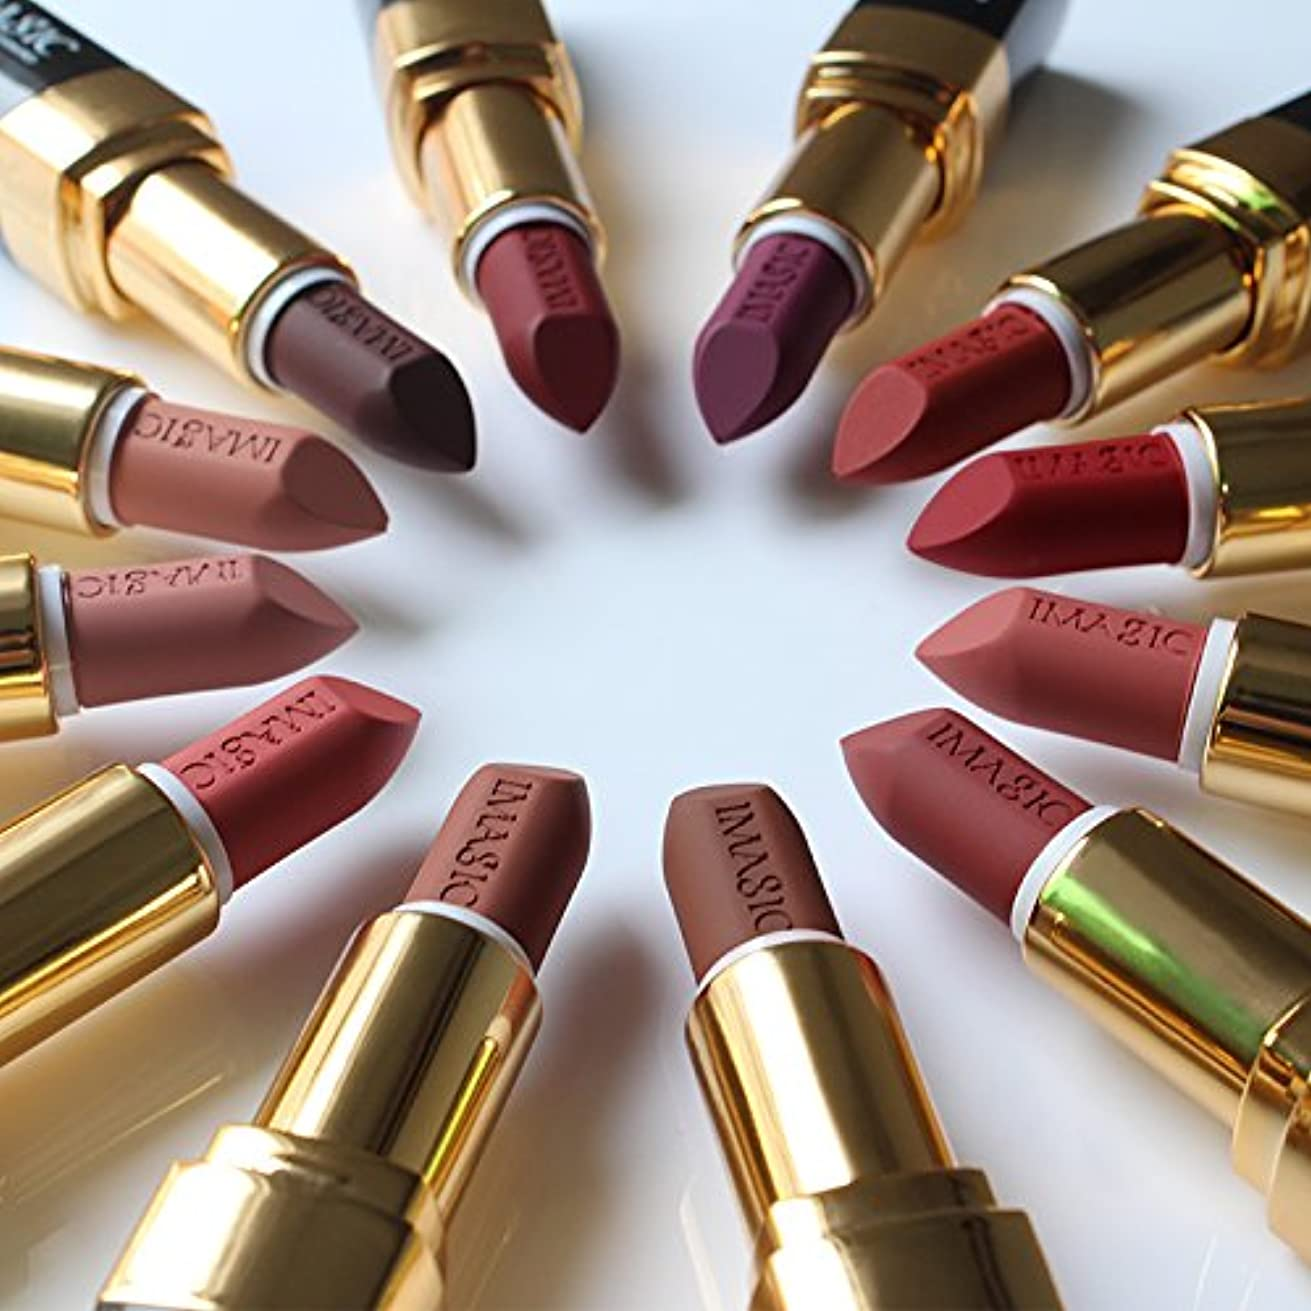 習熟度召集する発明するColor #2 Lipstick Moisturizer Lips Smooth Lip Stick Long Lasting Charming Lip Lipstick Cosmetic Beauty Makeup 12 Colors